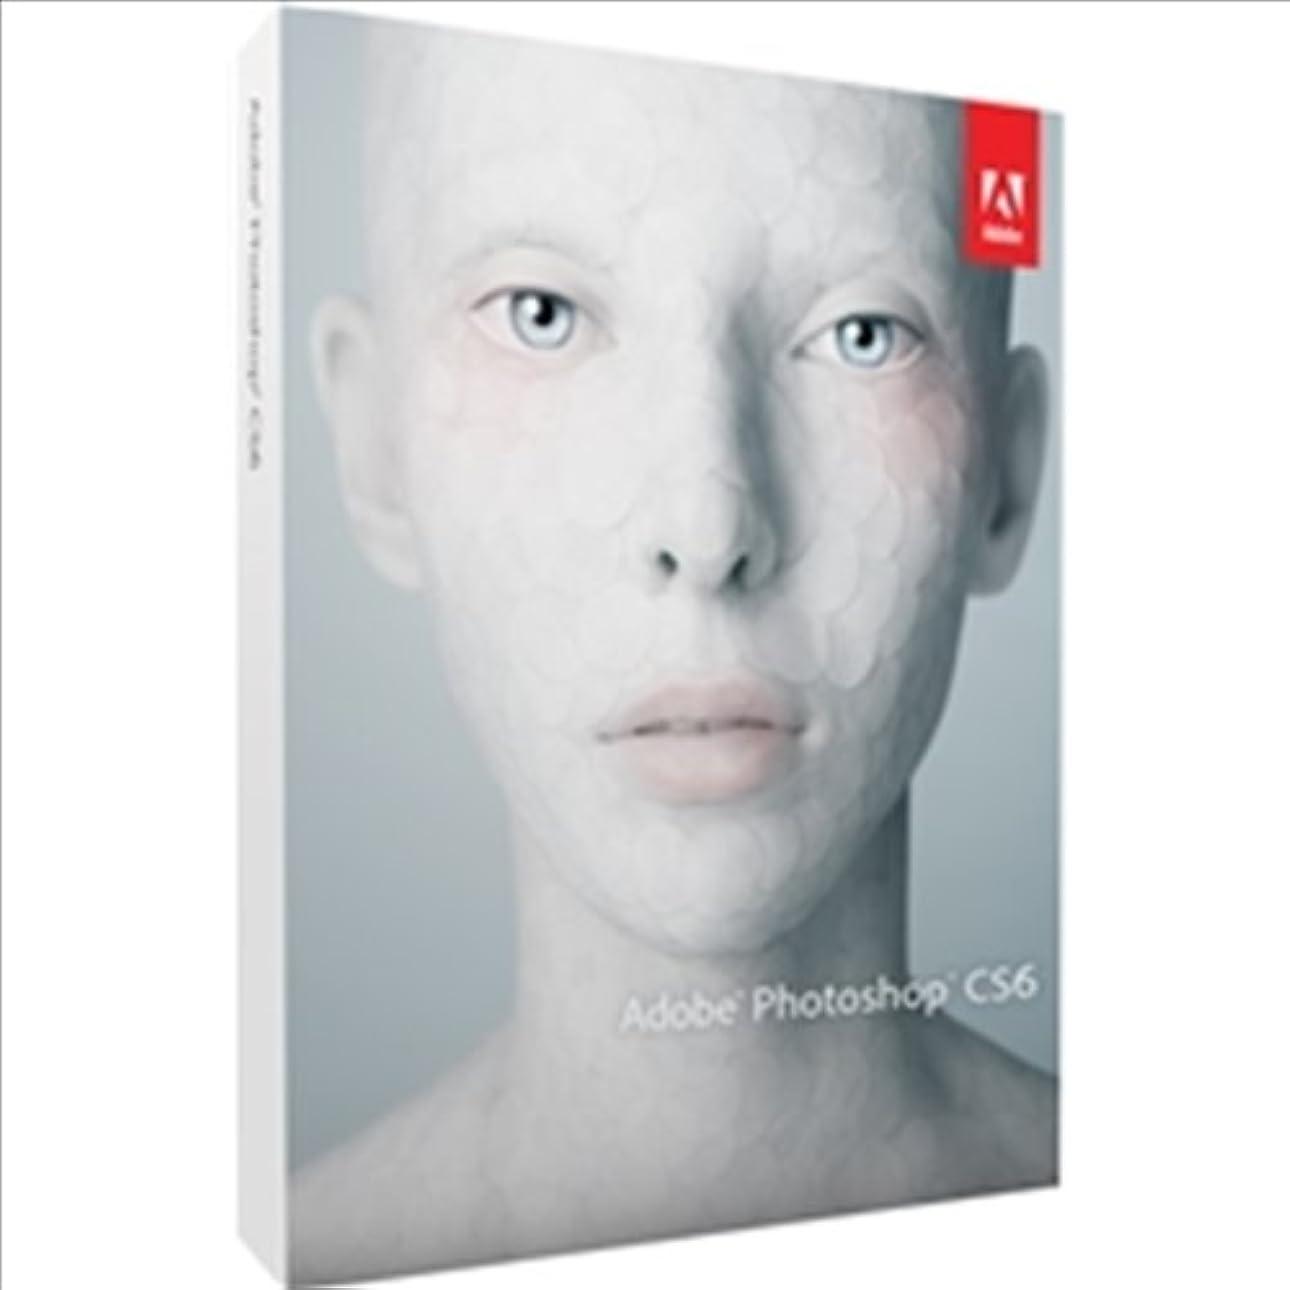 ネックレット影響する直径Adobe Systems ソフトウェア WIN版 Photoshop CS6 65158287